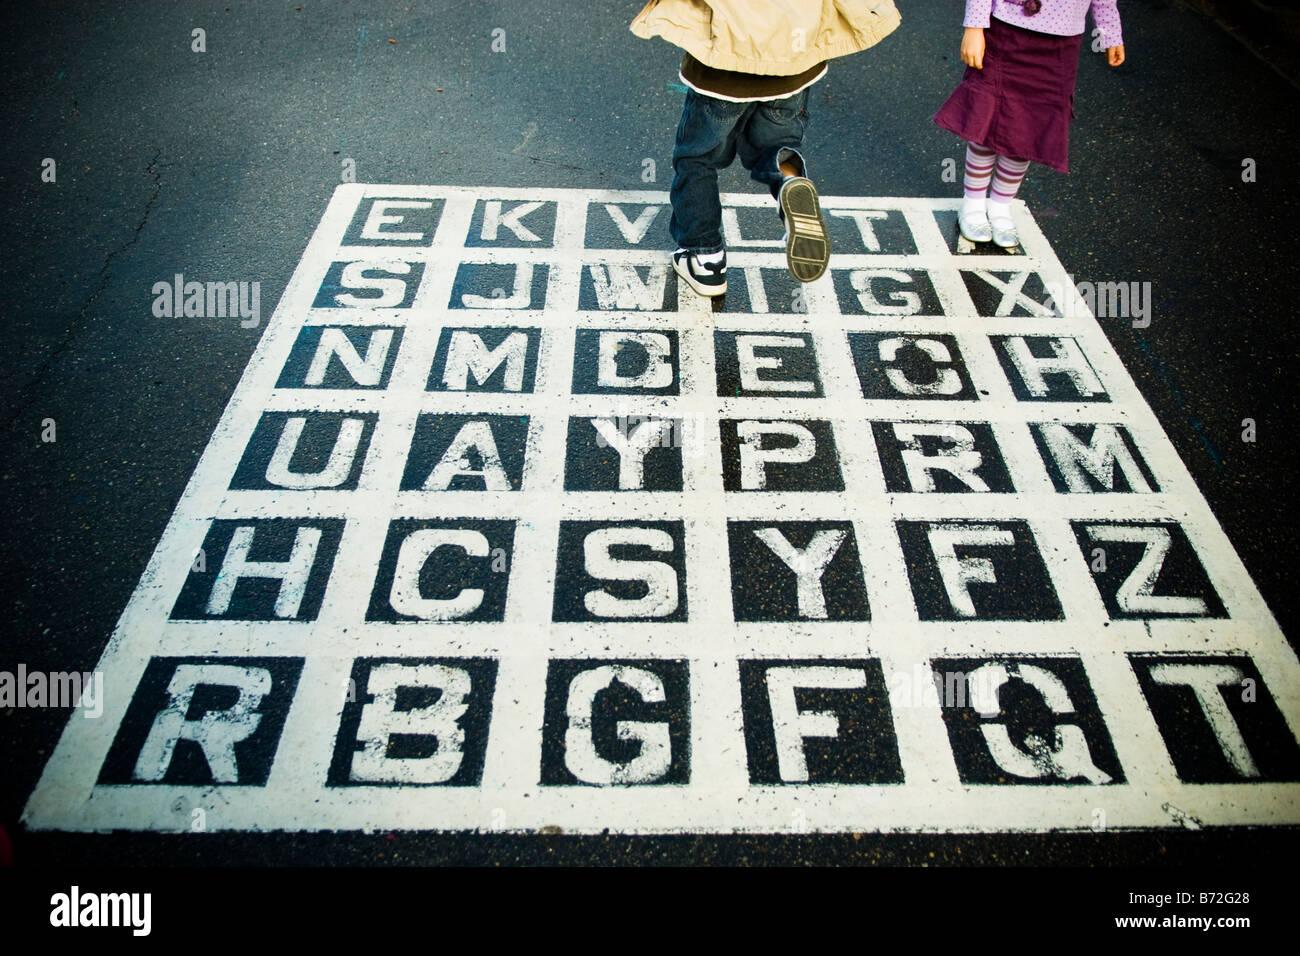 Bambini a giocare su un asfalto alfabeto gioco nel cortile della scuola. Immagini Stock